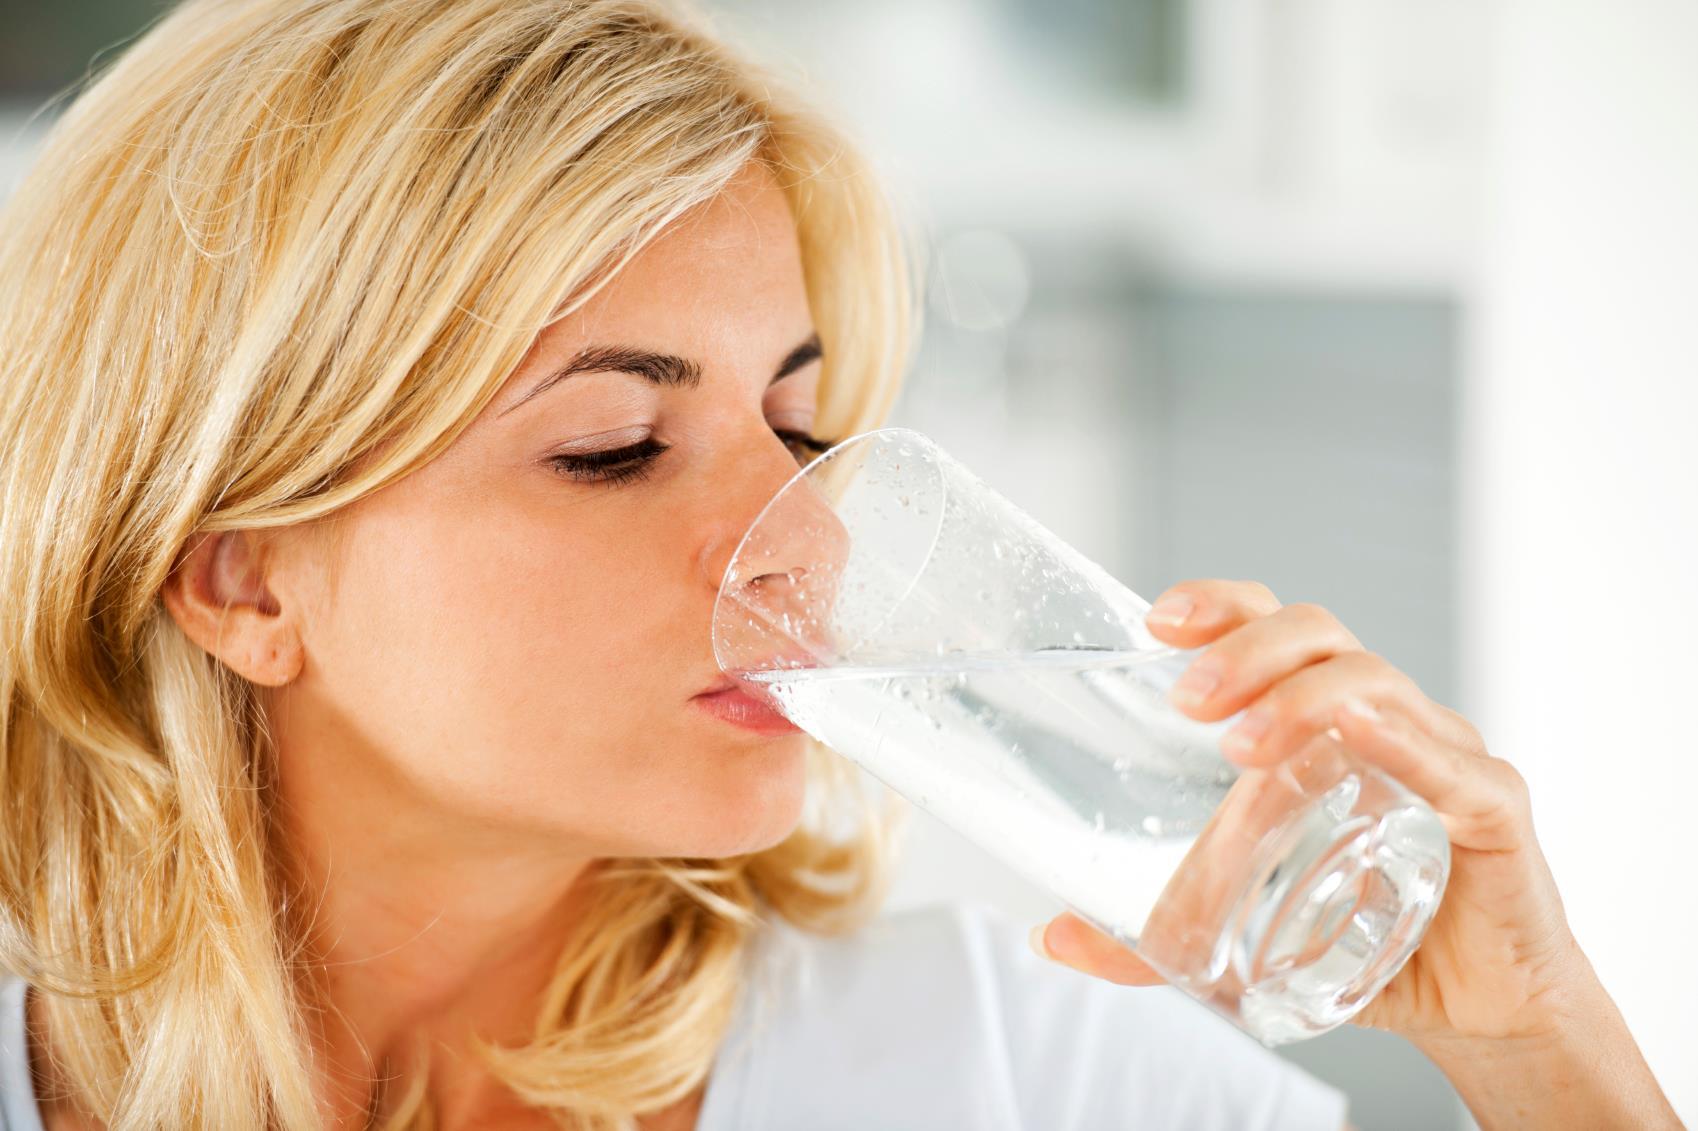 Uống nước là cách giữ ẩm cho da và tránh được nám da